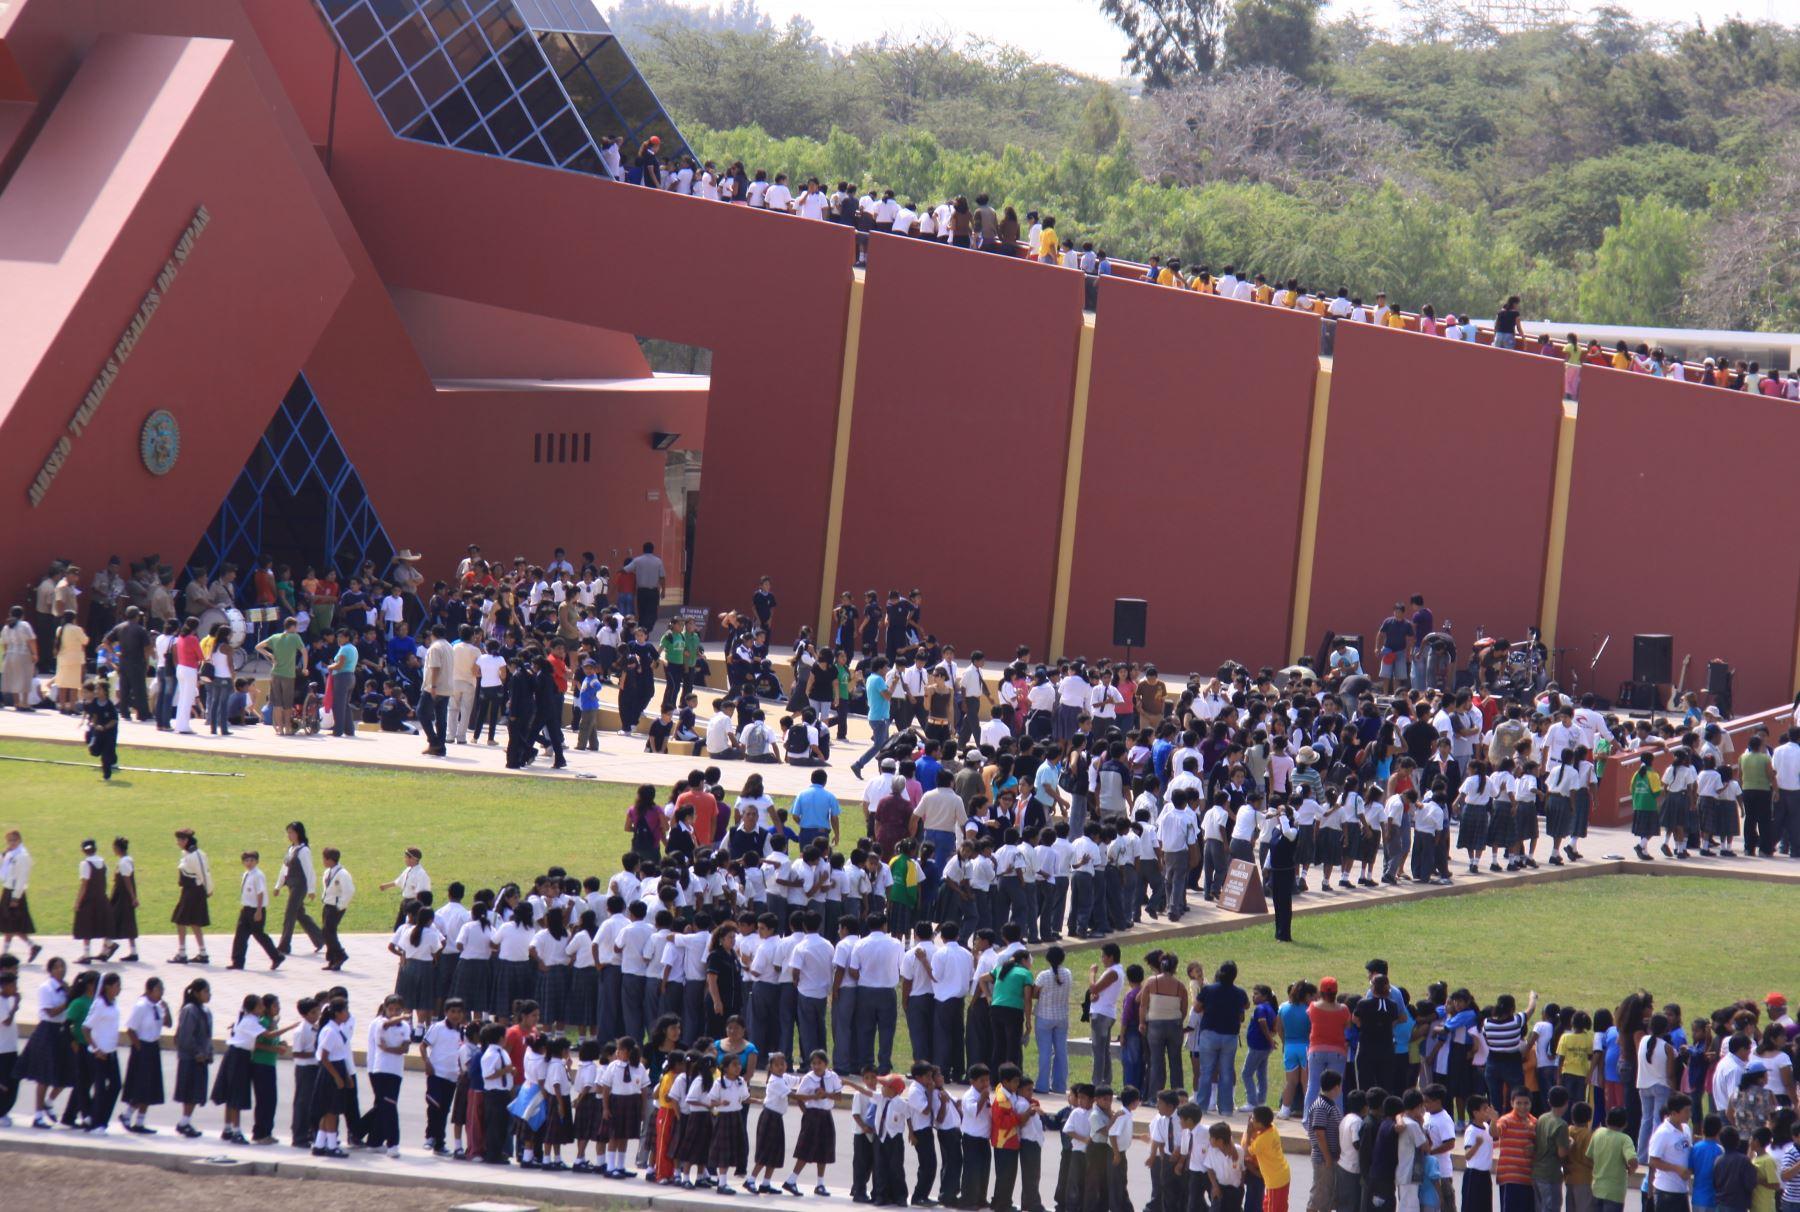 Cerca de 150,000 turistas, entre nacionales y extranjeros, visitaron durante el año pasado el museo Tumbas Reales de Sipán, en la región Lambayeque, cifra que lo ubica como uno de los recintos culturales más concurridos del Perú. ANDINA/Difusión